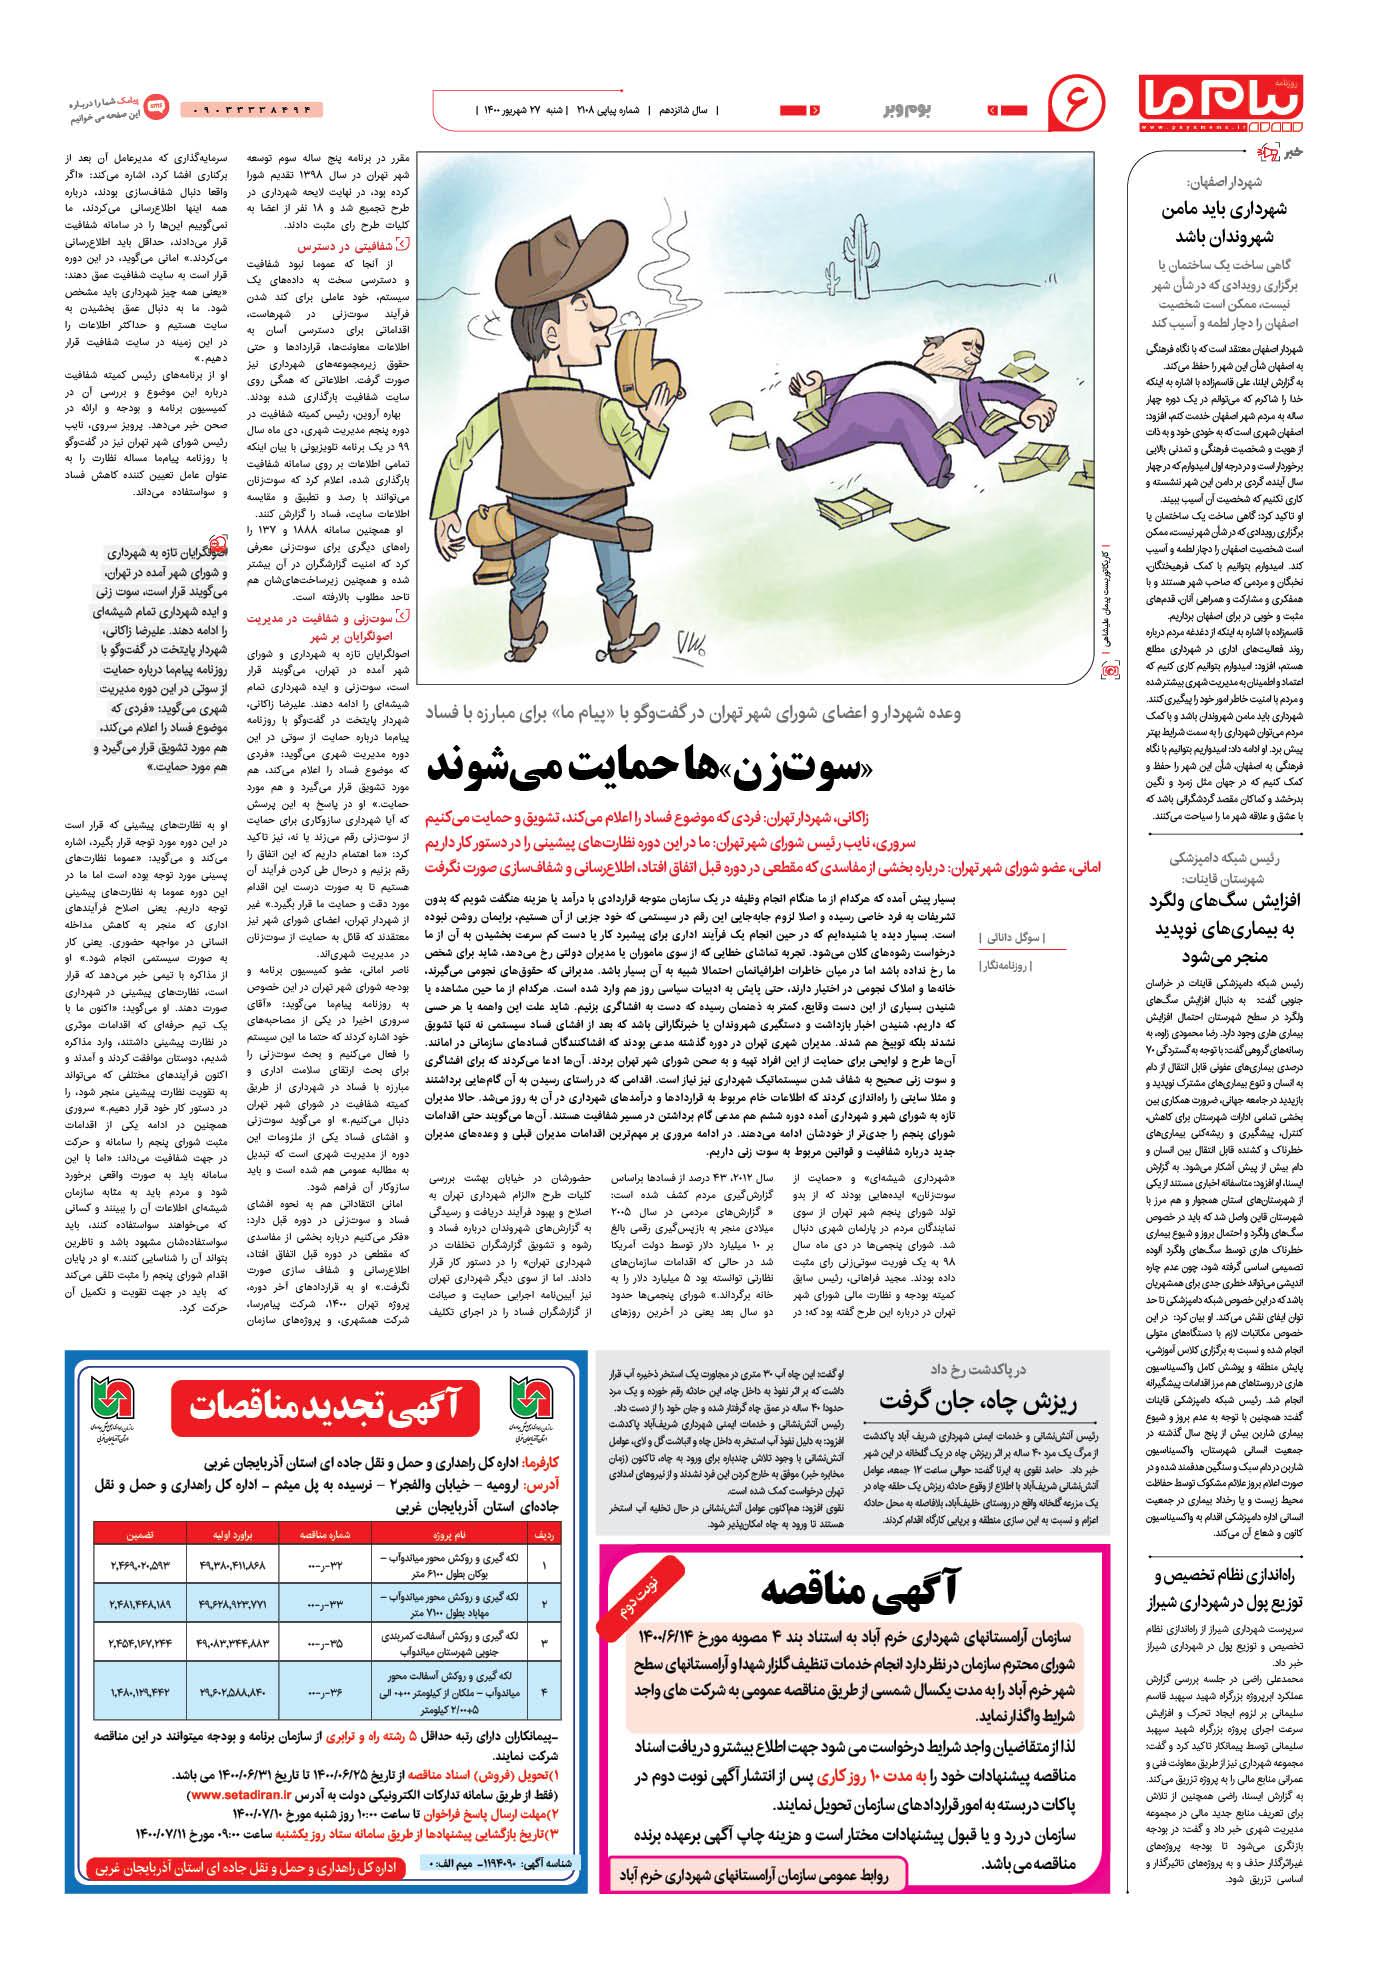 صفحه بوم و بر شماره 2108 روزنامه پیام ما